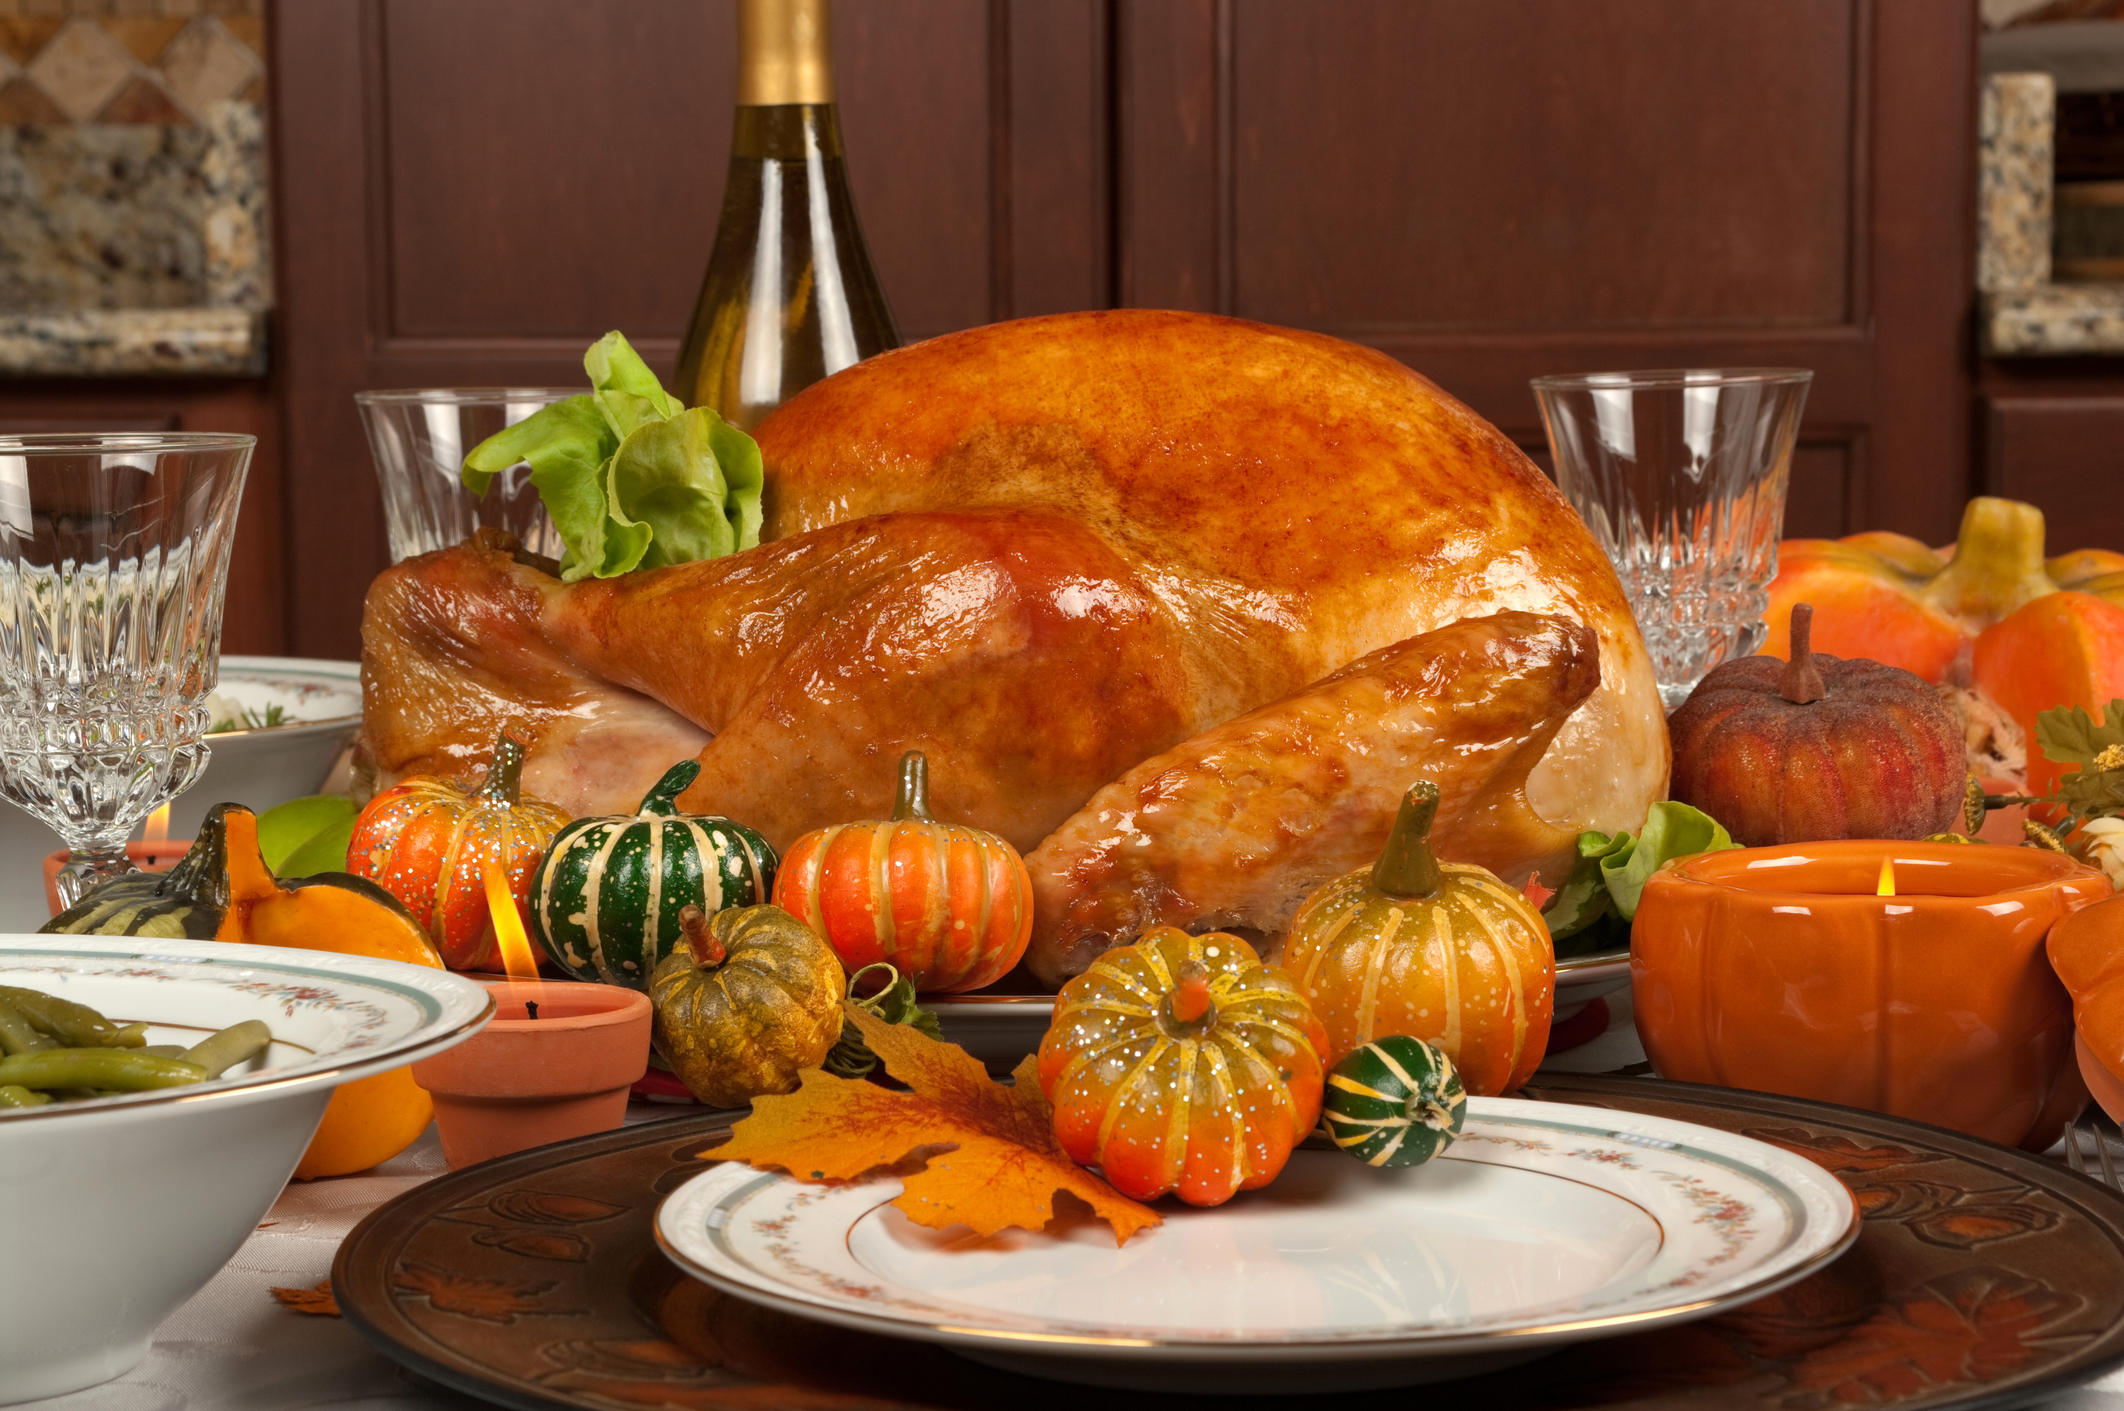 Thanksgiving vala en l'America sco la pli gronda festa da famiglia.